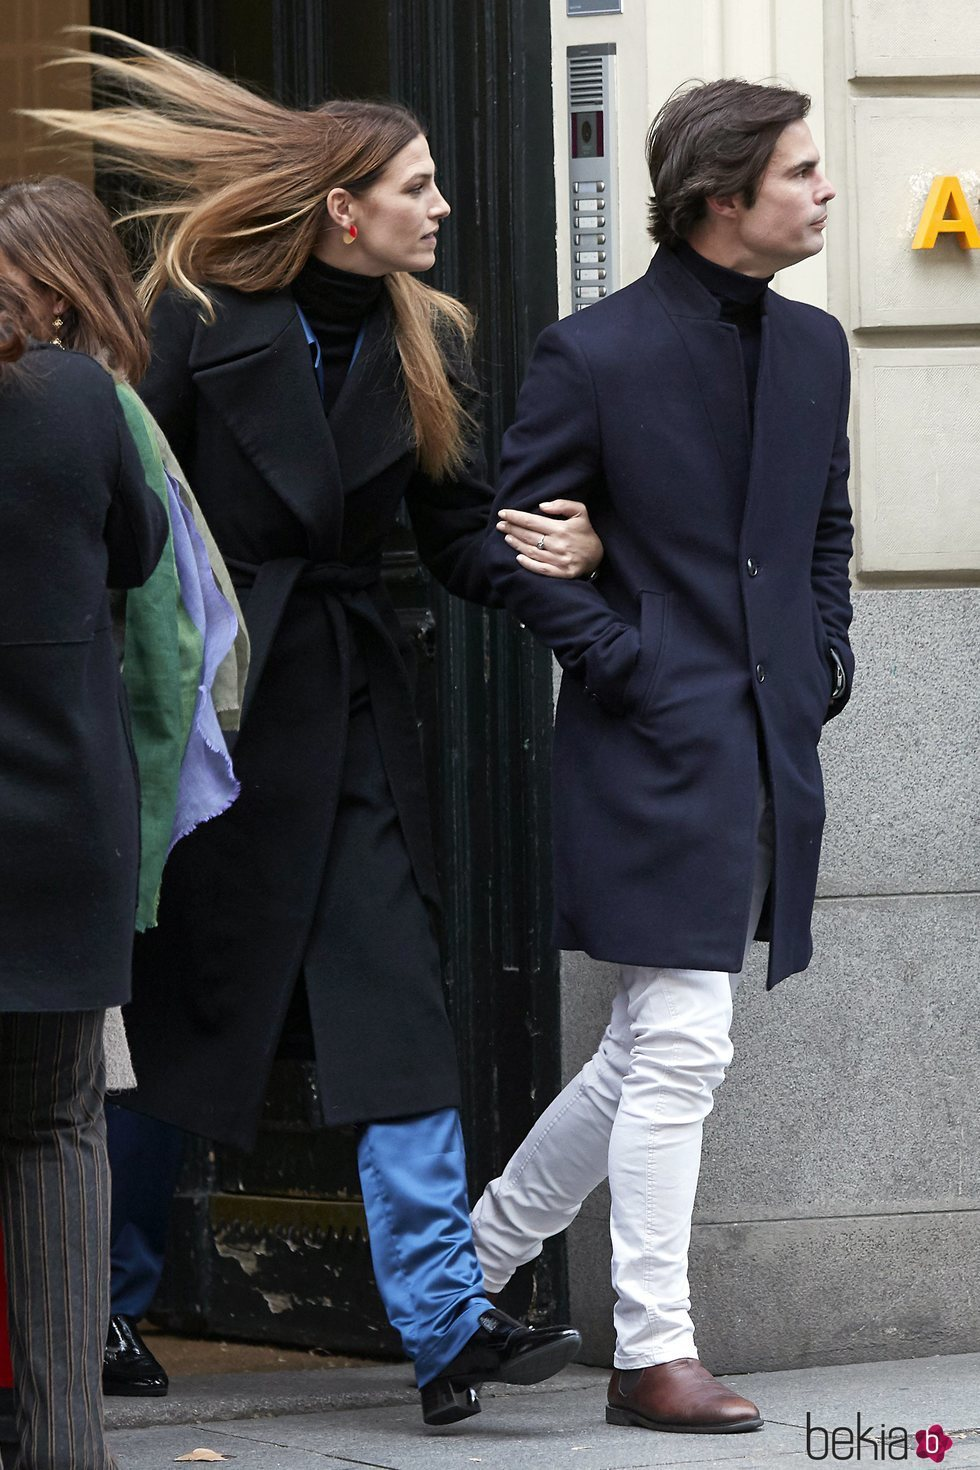 Curi Gallardo y Laura Sánchez agarrados del brazo